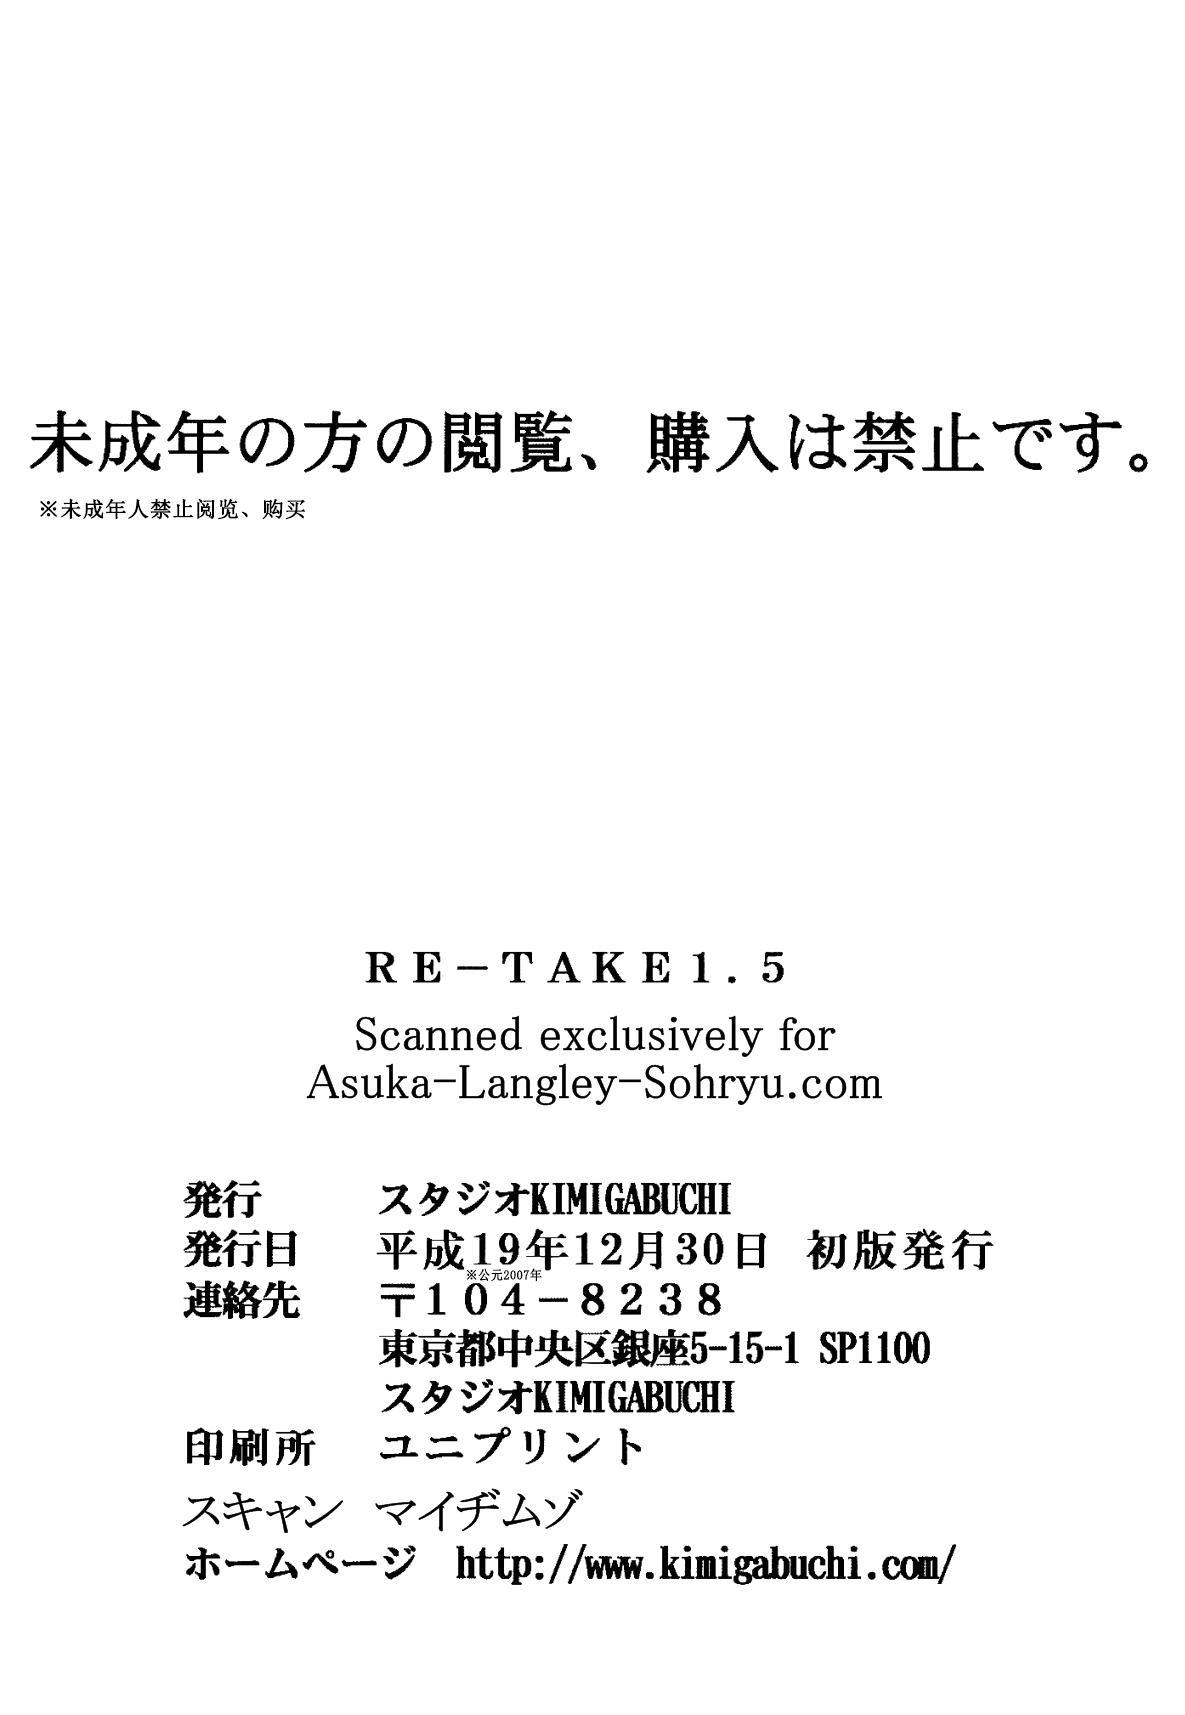 RE-TAKE 1.5 32